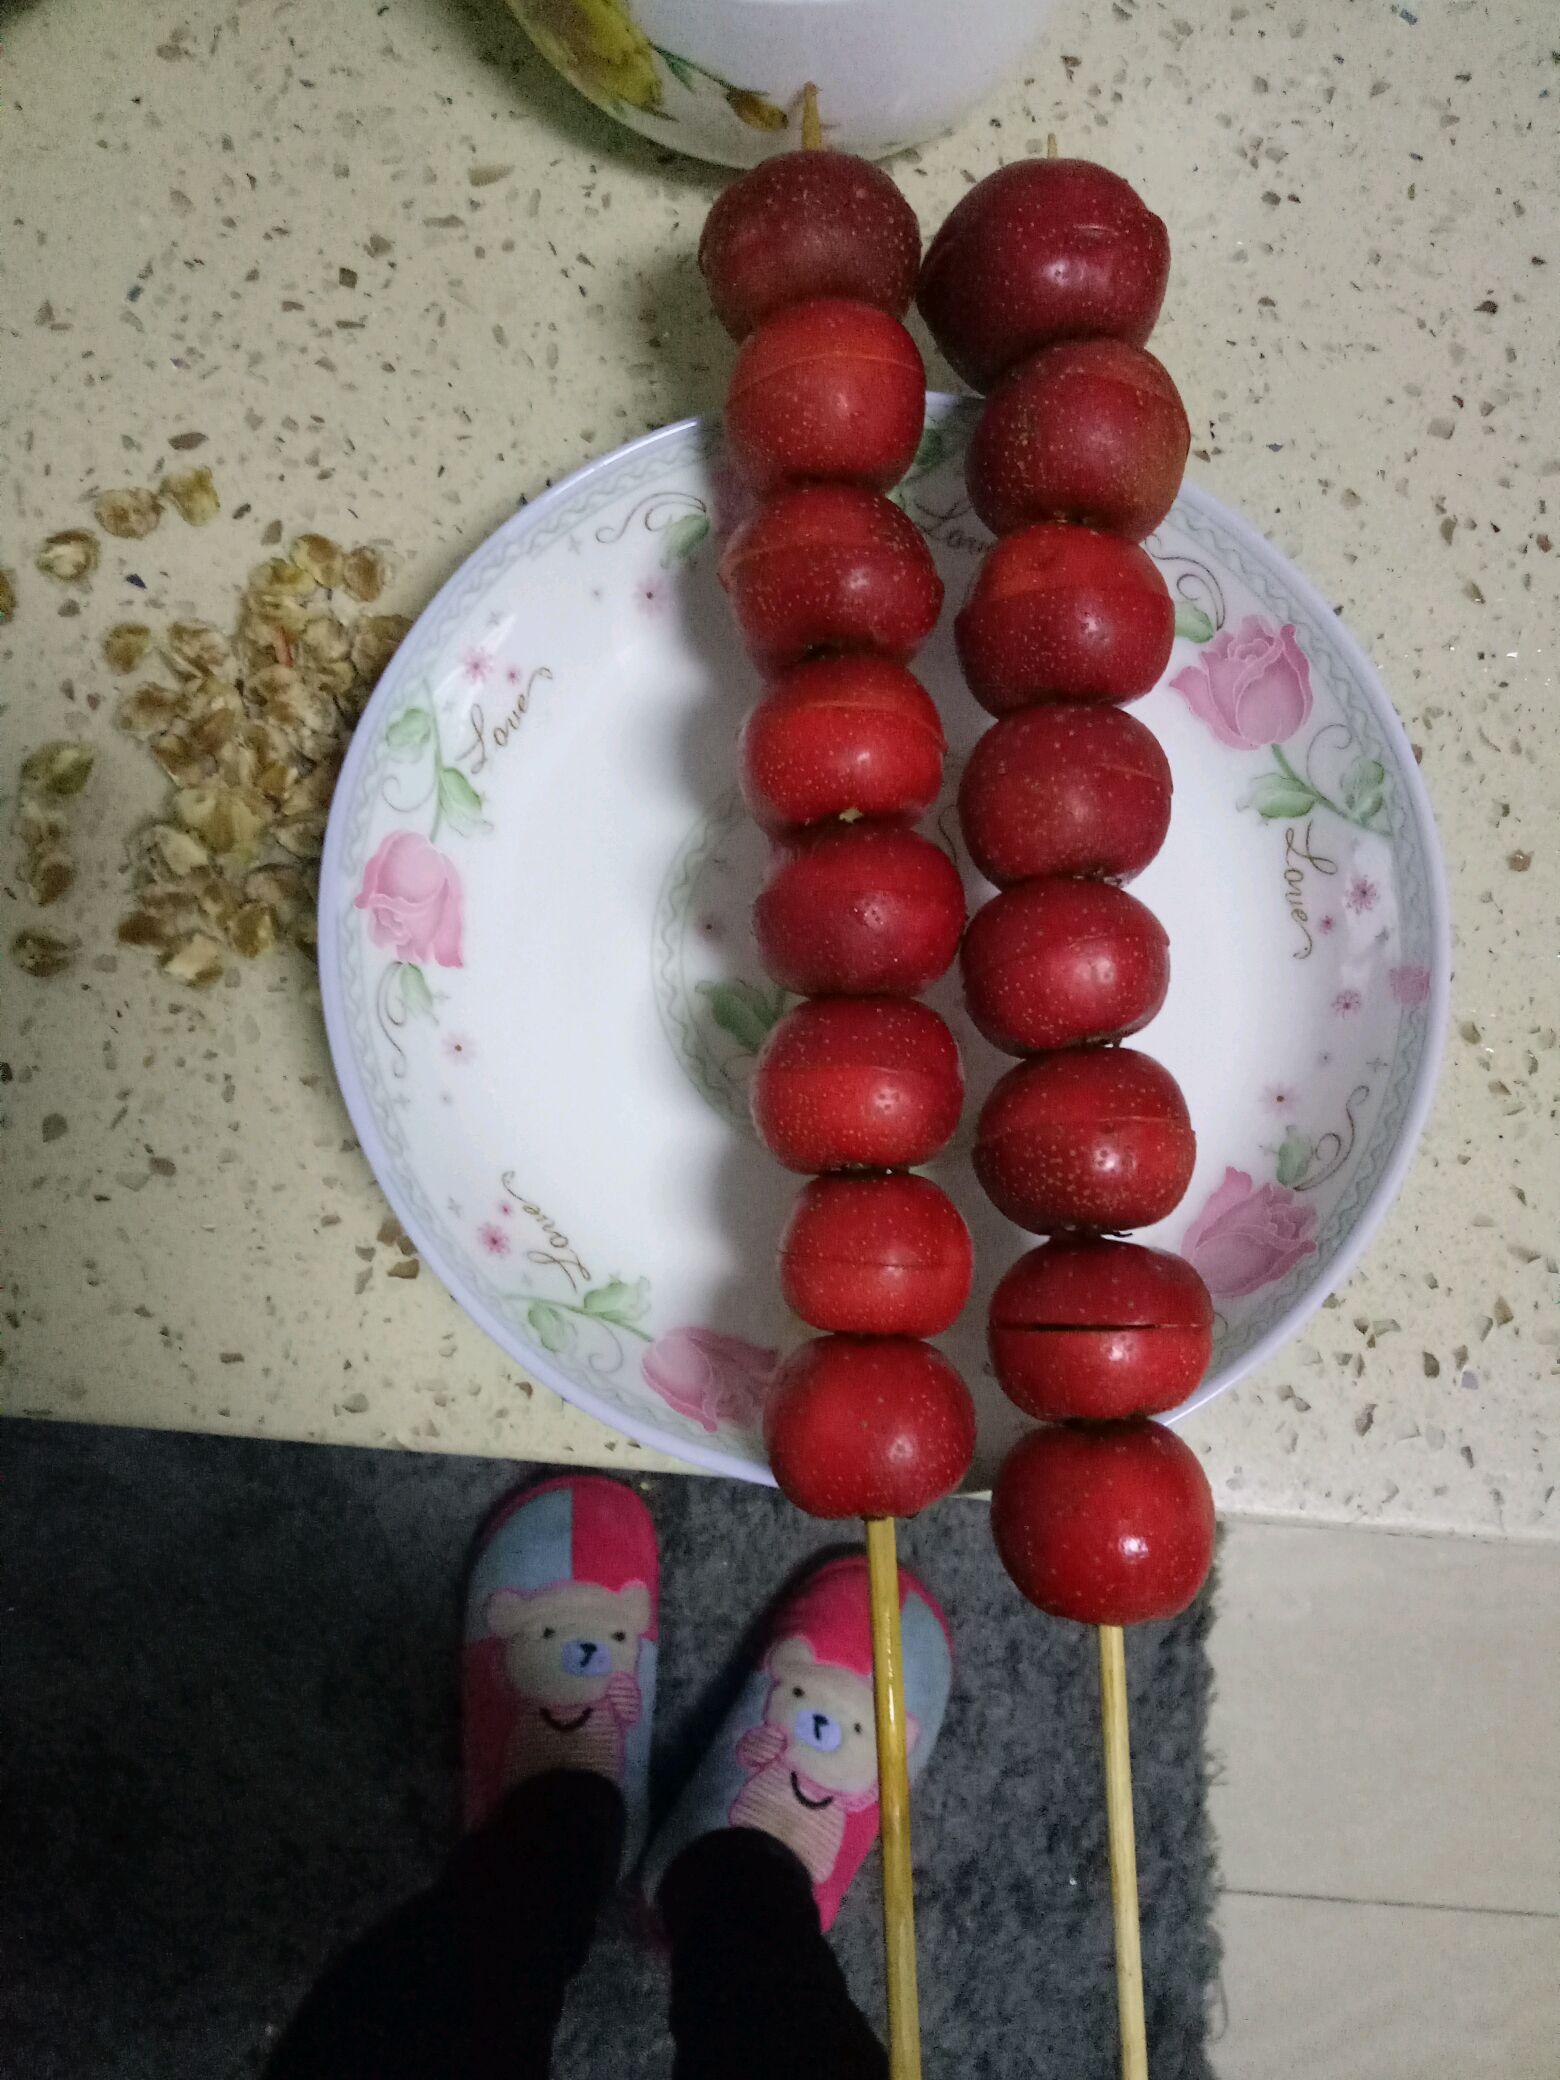 冰糖葫芦的制作